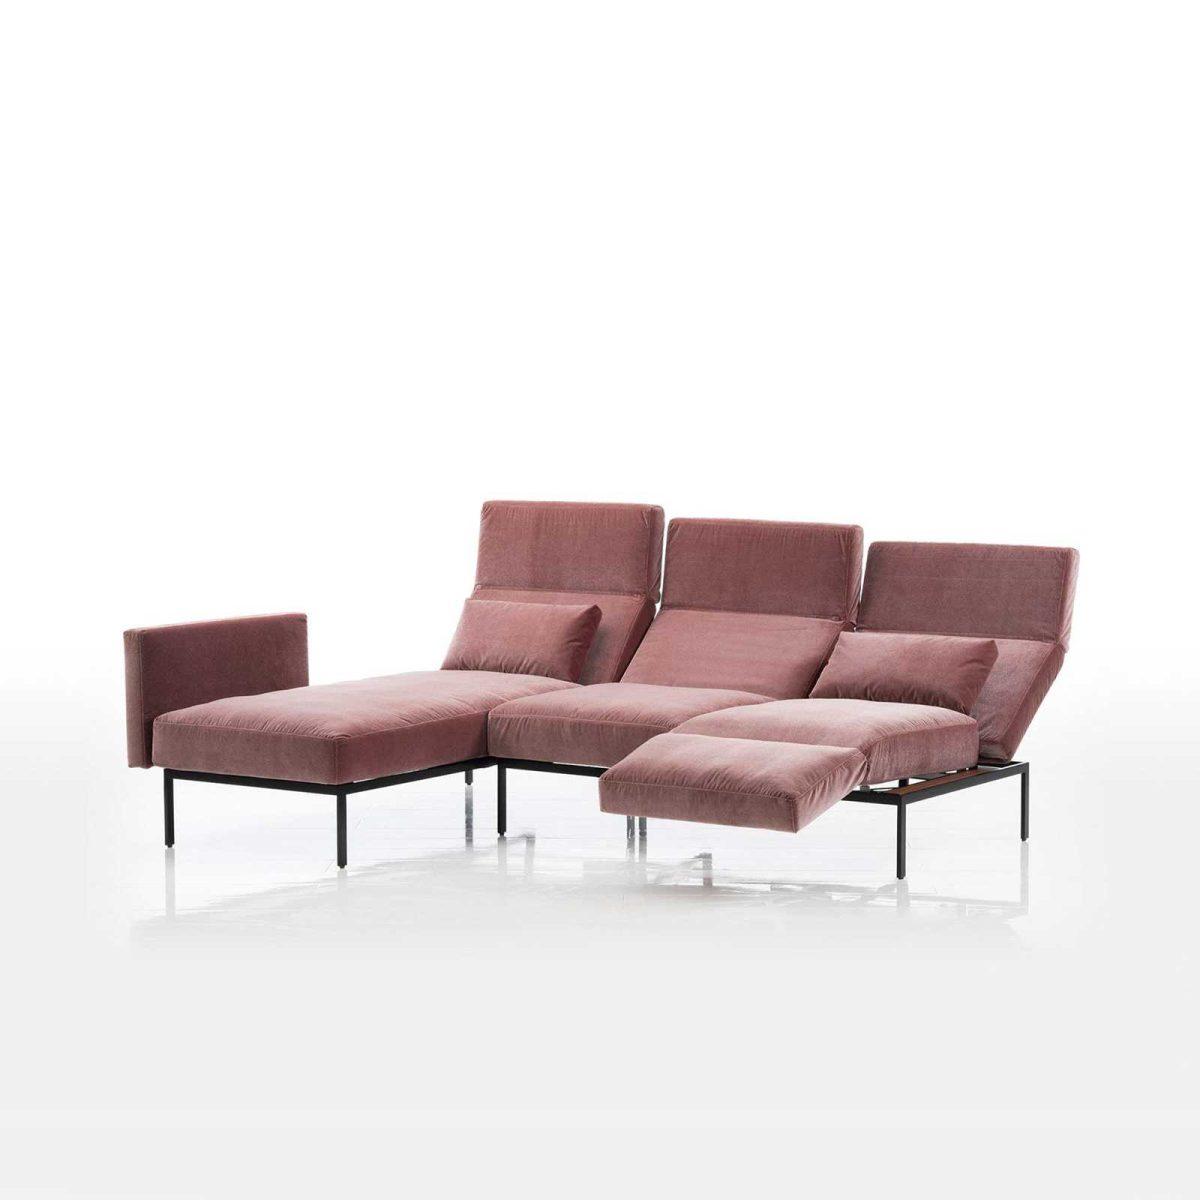 Brühl Roro Soft Ecksofa, Sofas, Funktionssofas und Schlafsofa online kaufen